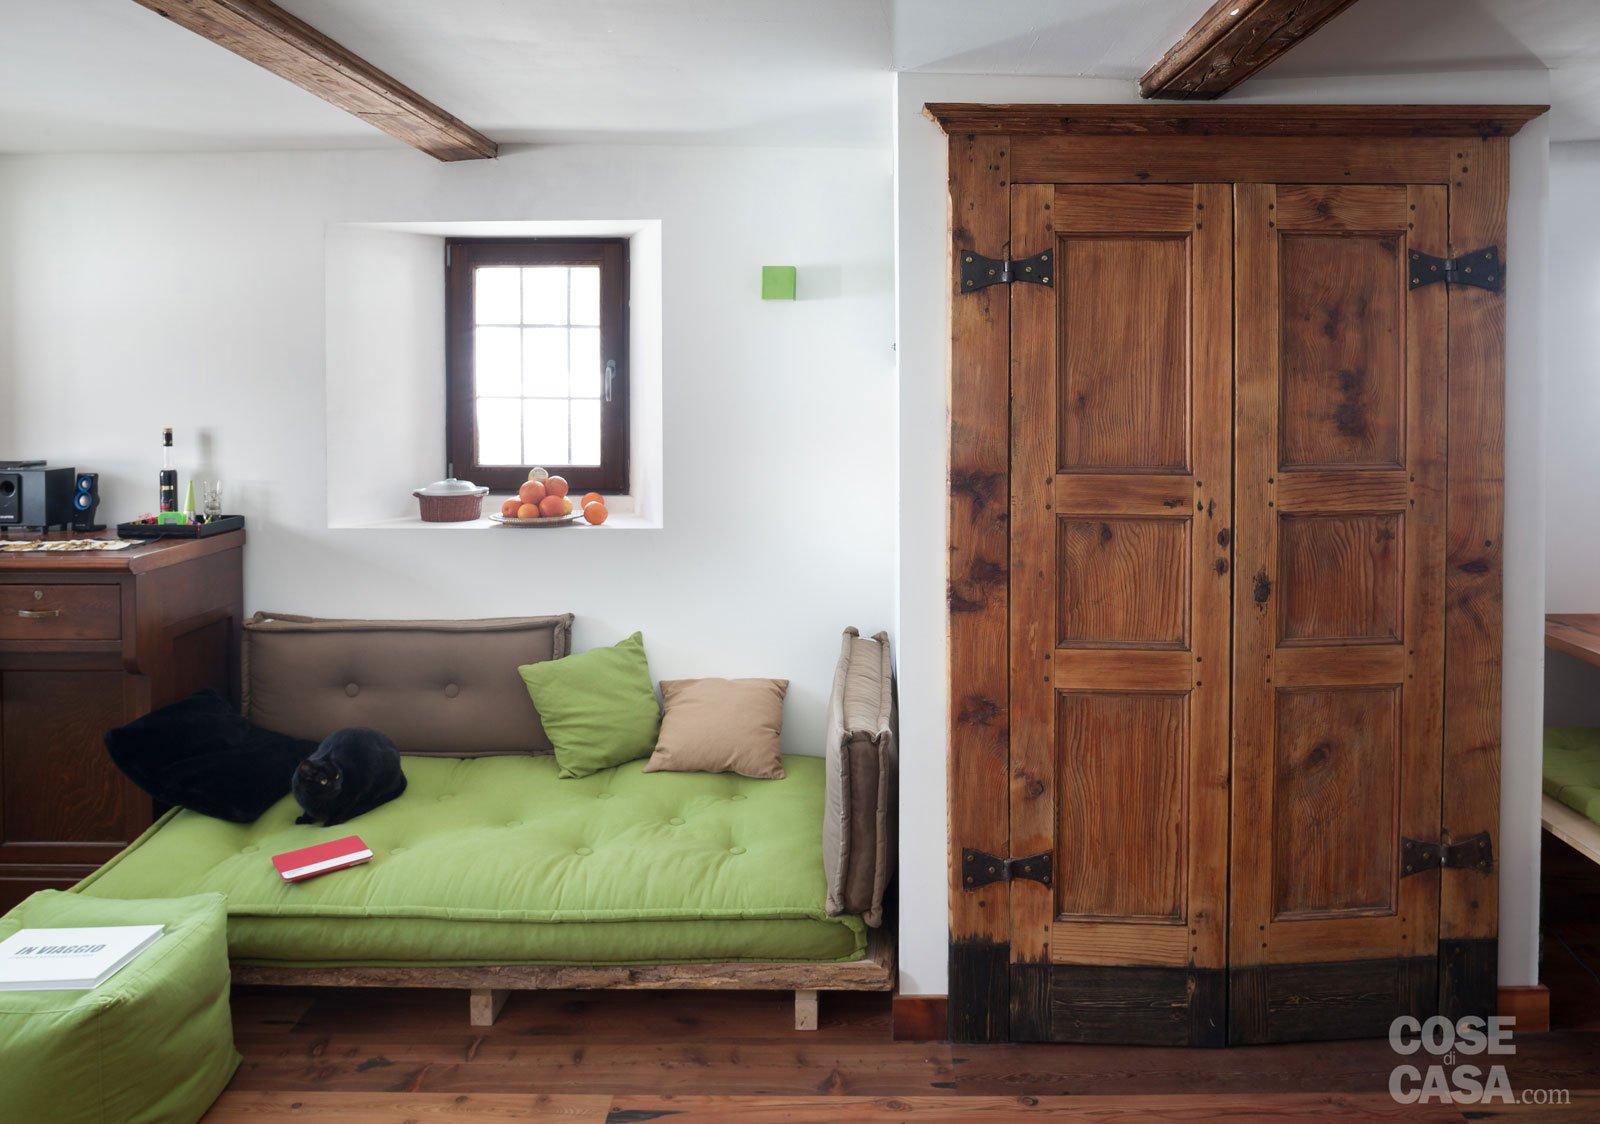 30 30 mq restauro di una tipica casa di montagna cose for Disegni di lusso di una storia a casa